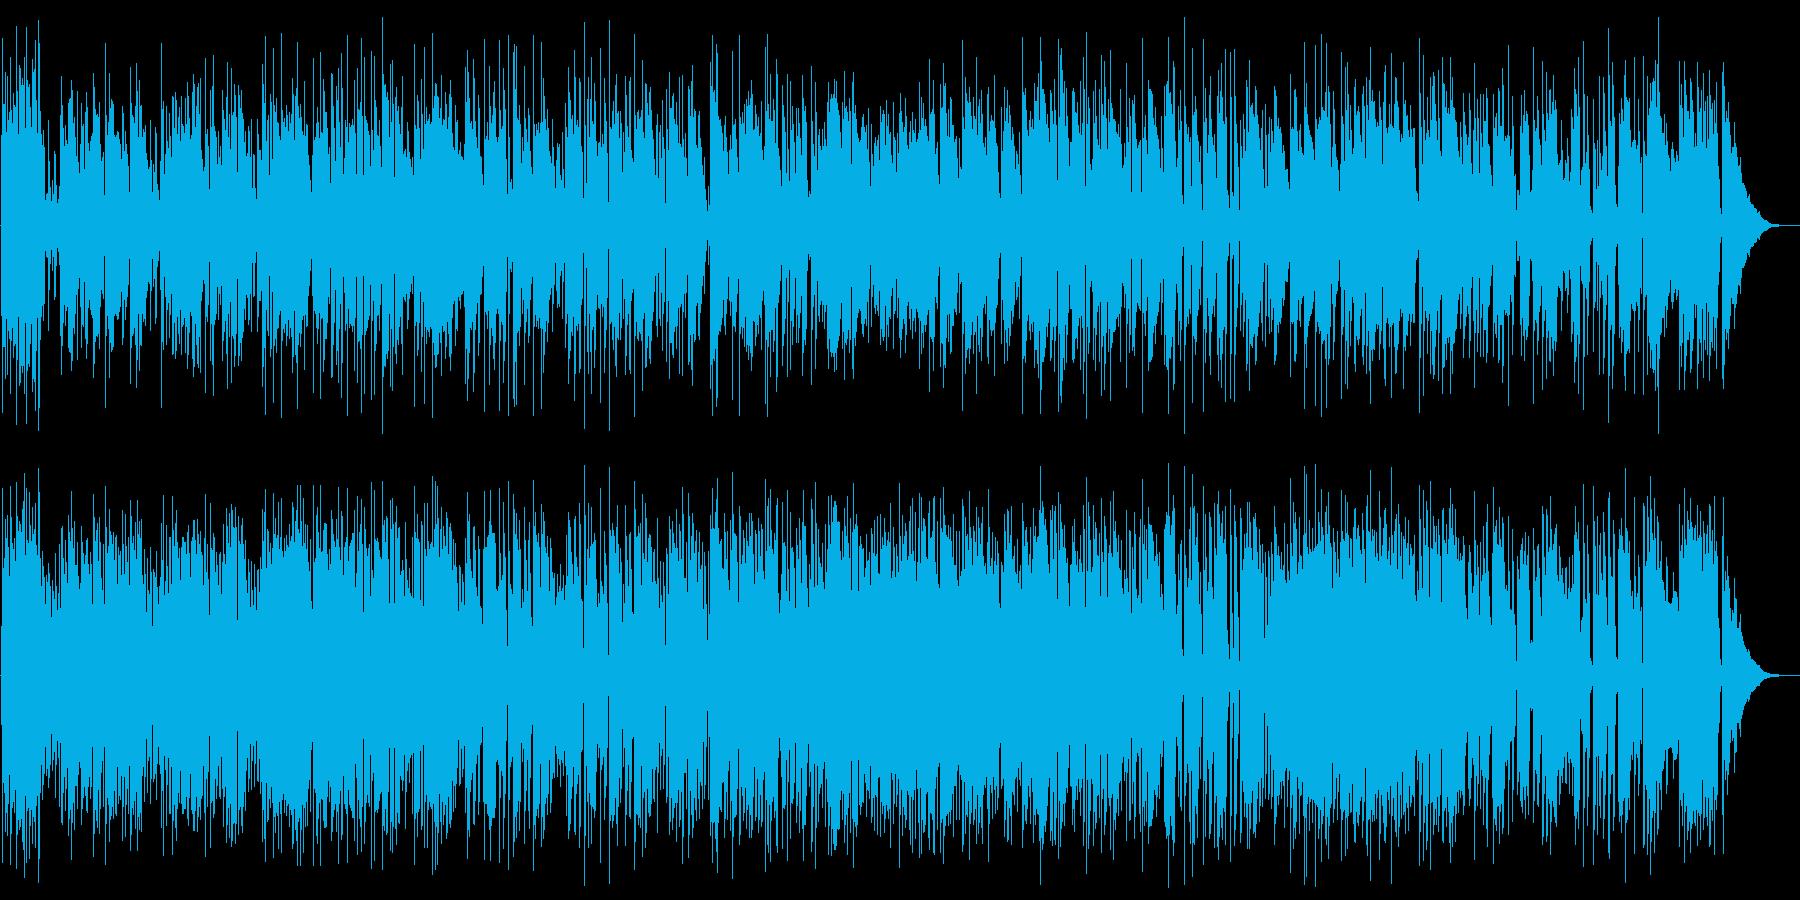 ダッタン人の踊りJazzの再生済みの波形